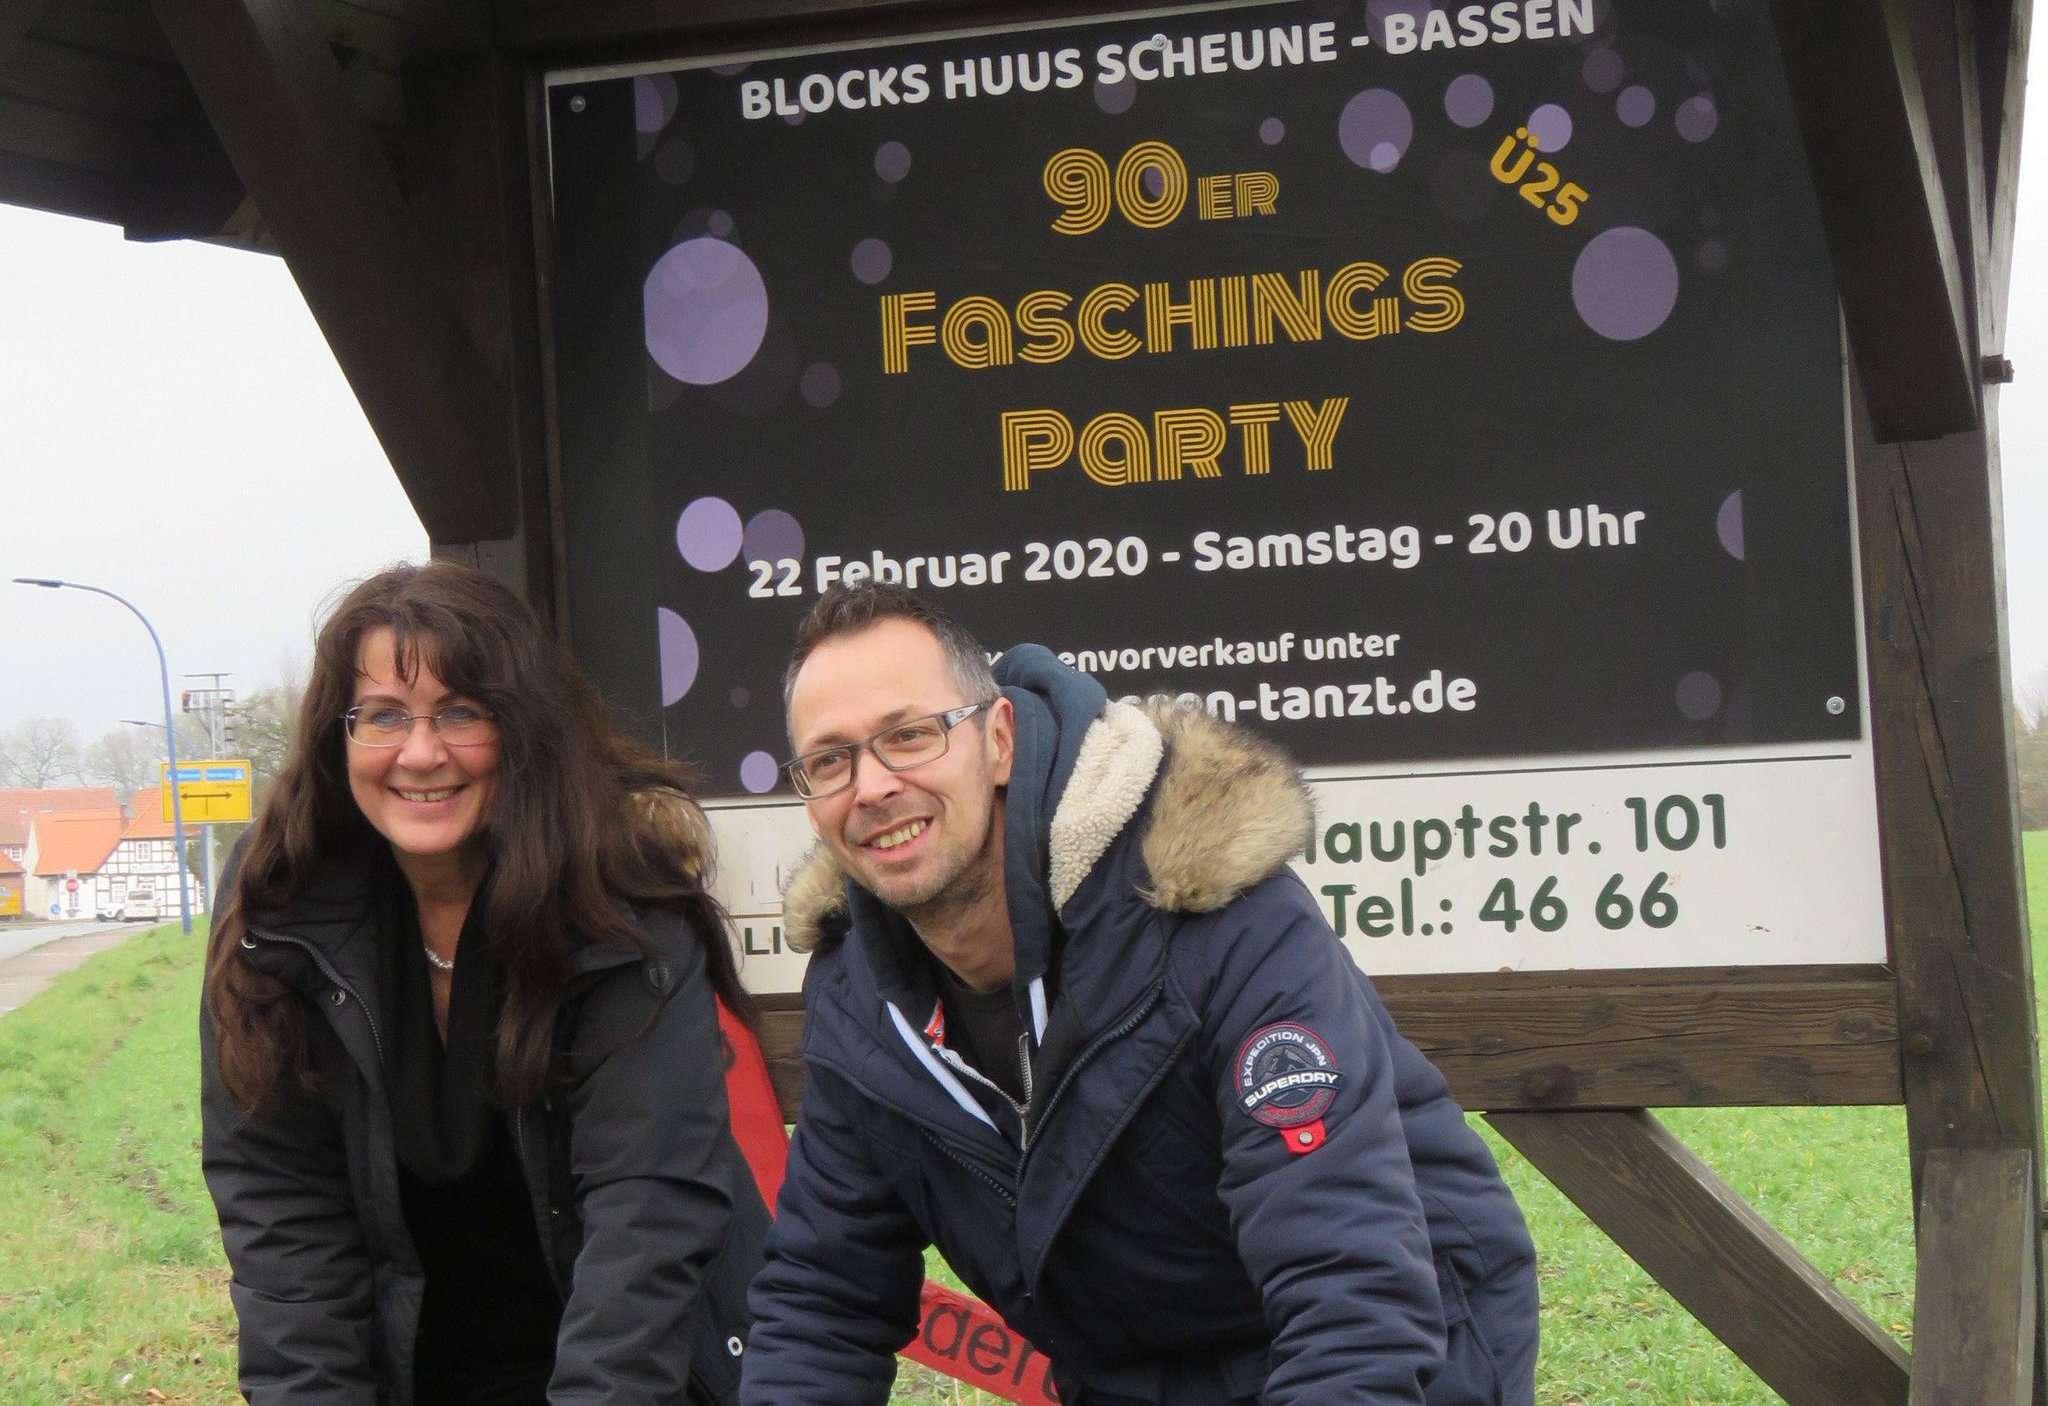 Christa Junge, Vorsitzende vom Verein Blocks Huus, ist begeistert von Jörn Kreitzirecks Idee, in Bassen eine Faschingsparty zu etablieren.  Foto: Elke Keppler-Rosenau